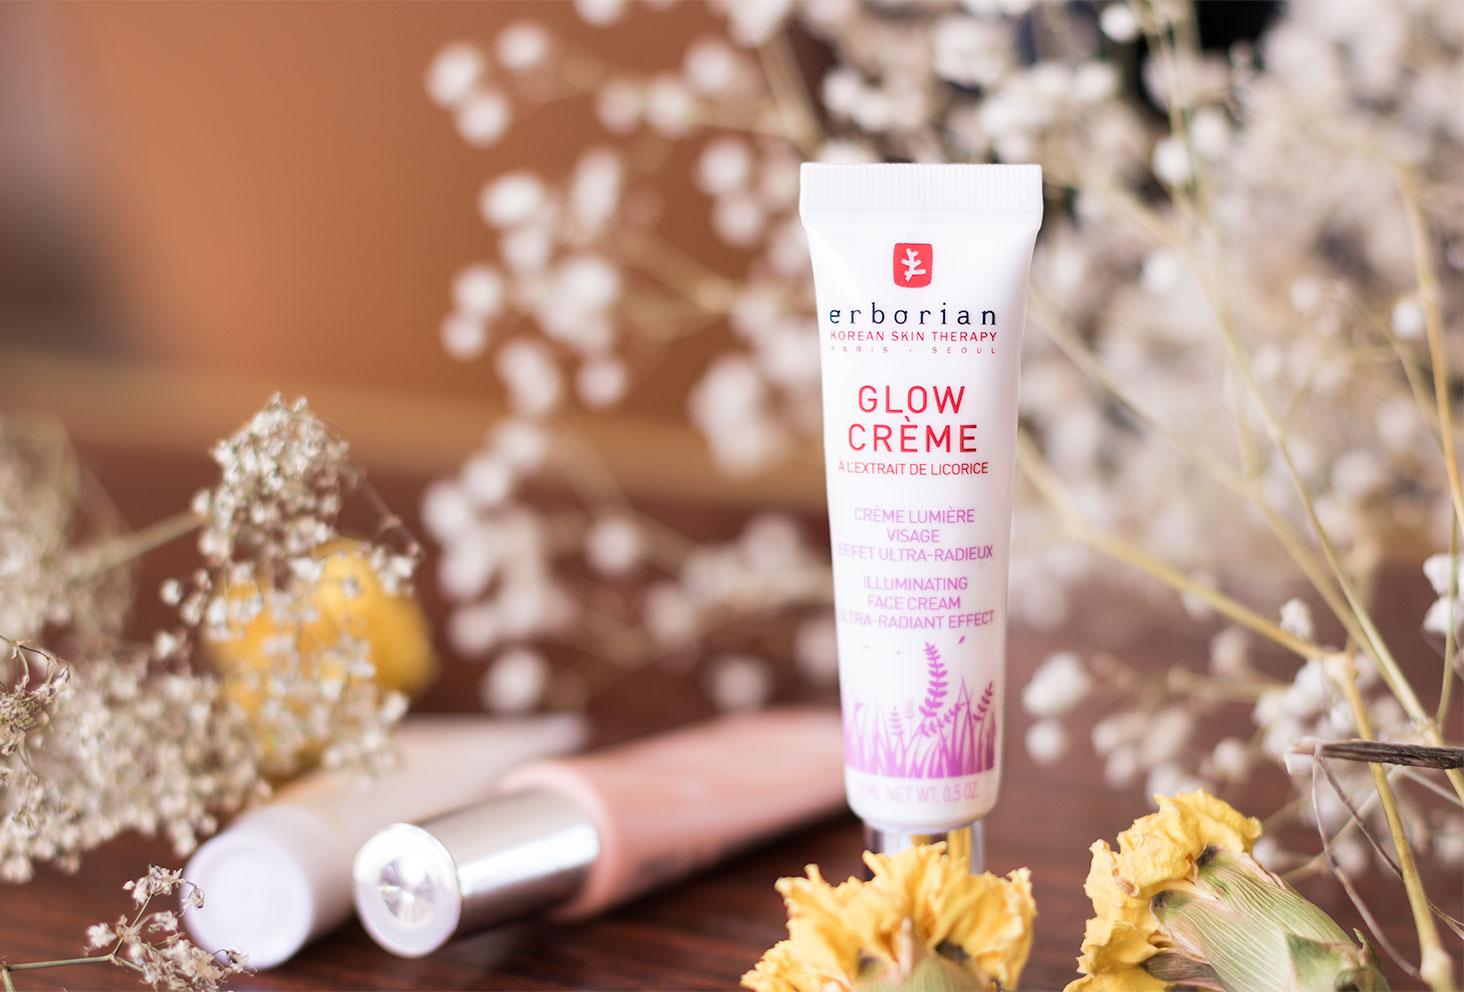 La Glow Crème par Erborian déposée debout sur une table en bois entre les fleurs séchées